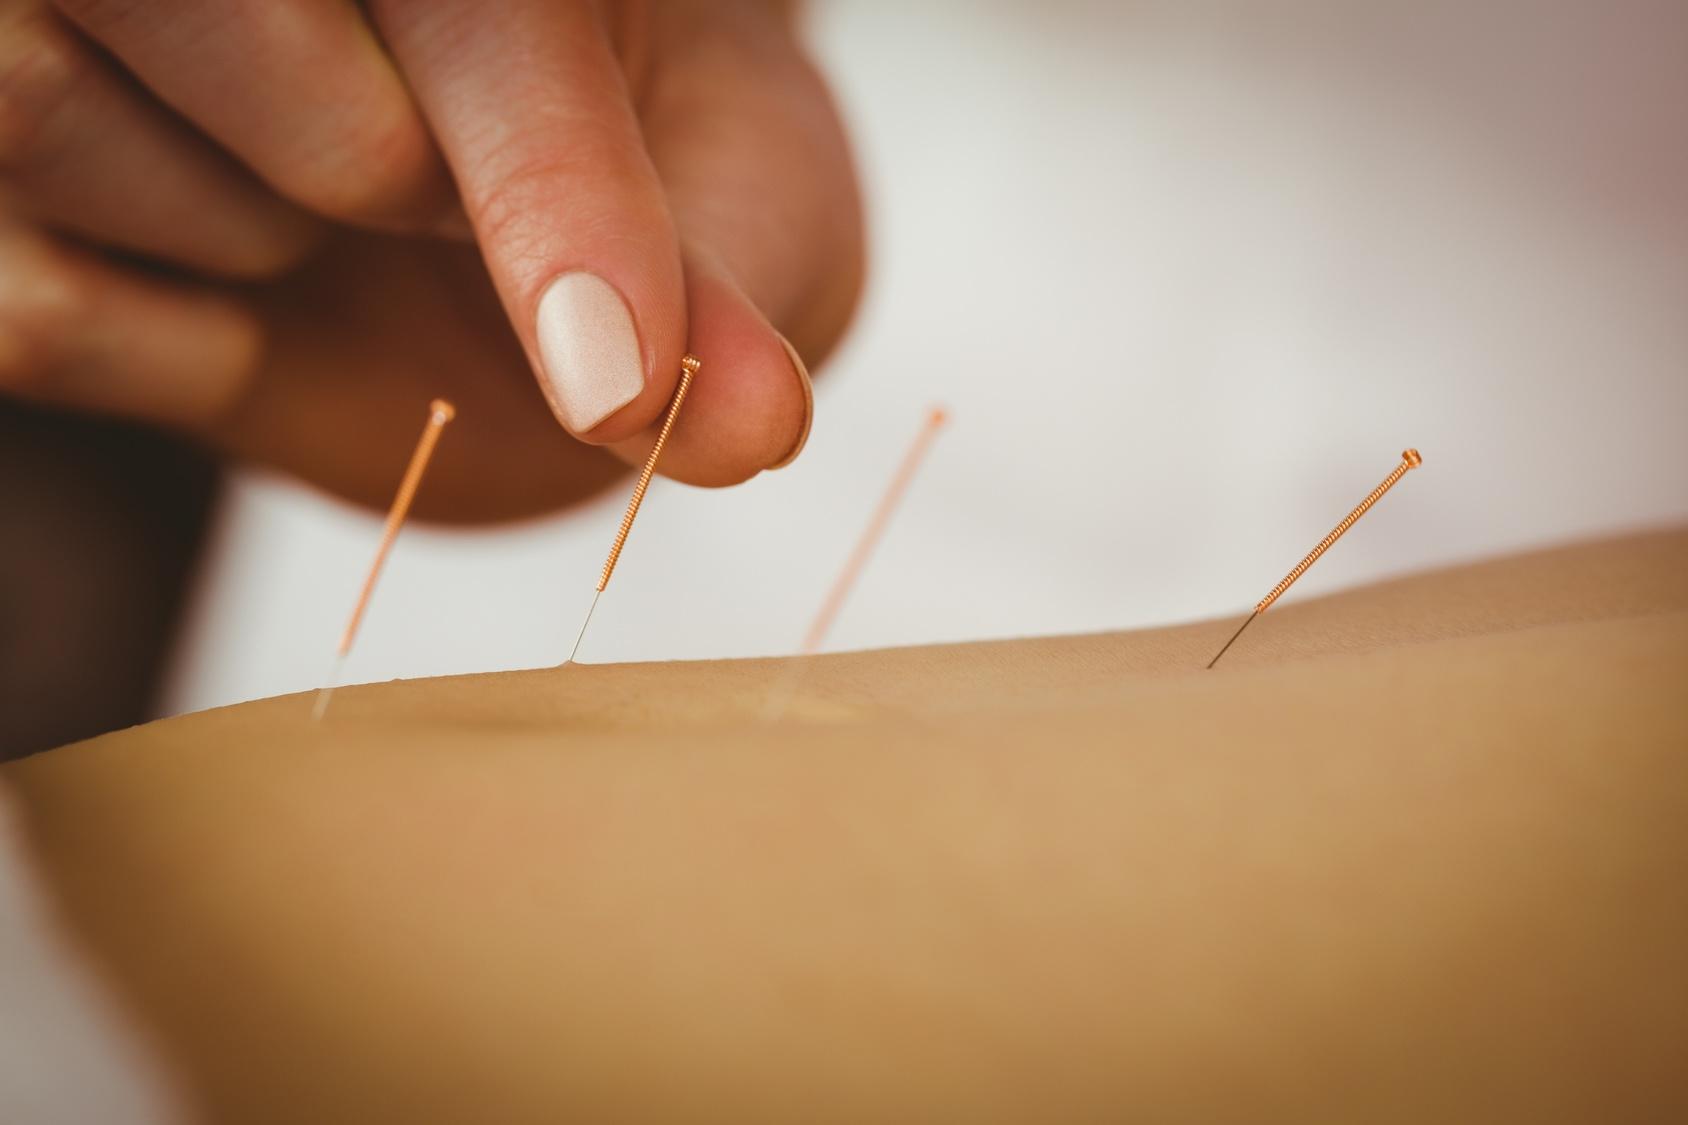 Kurs - Suche igłowanie – medyczna akupunktura